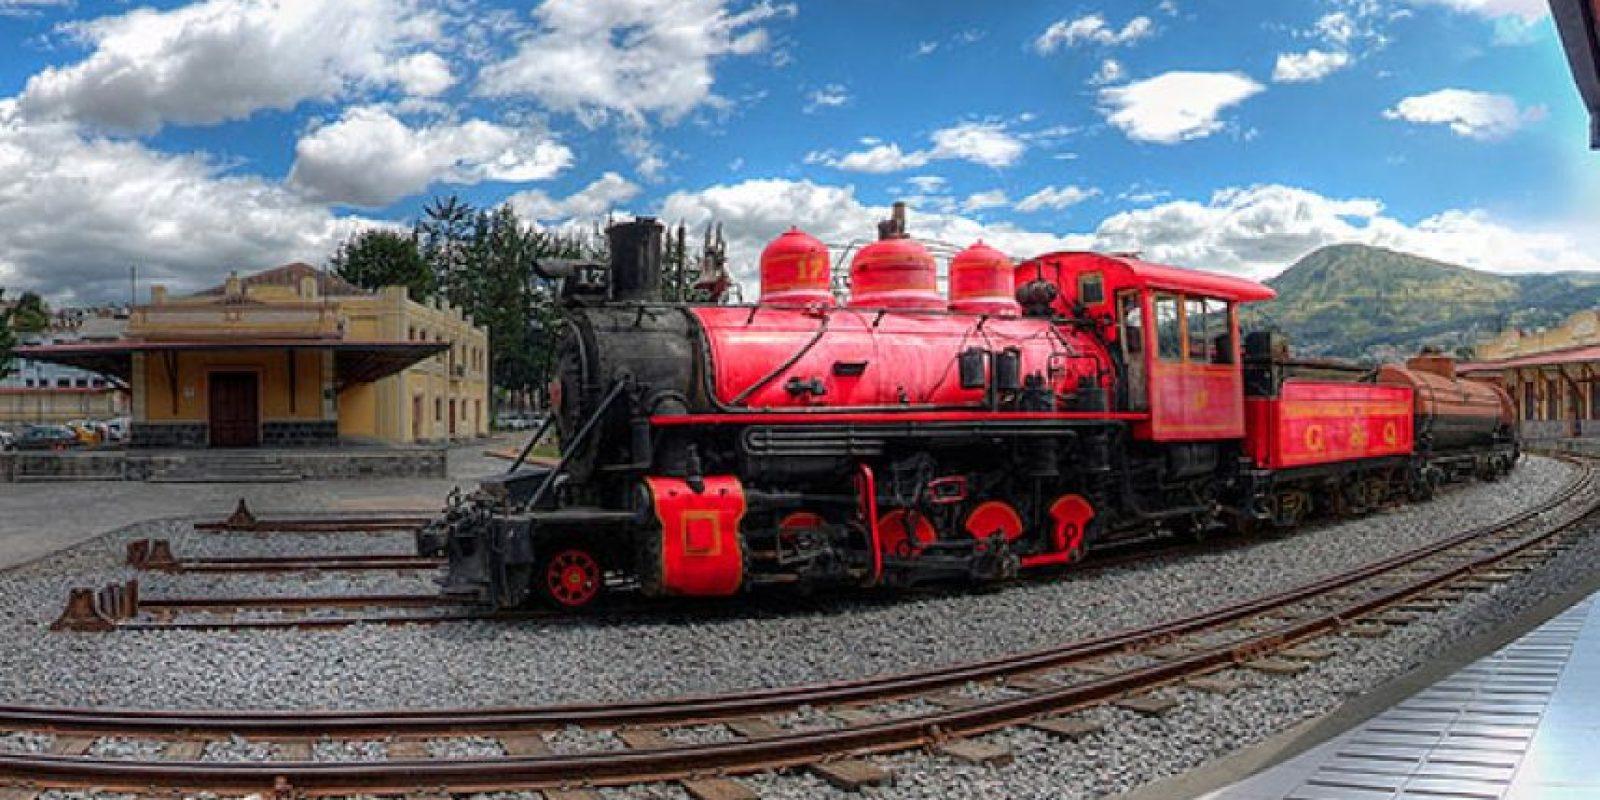 Chimbacalle, la casa del tren ecuatoriano, ofrece un viaje en tren con la oportunidad de observar la avenida de los volcanes en los Andes ecuatorianos Foto:Vía quito.com.ec